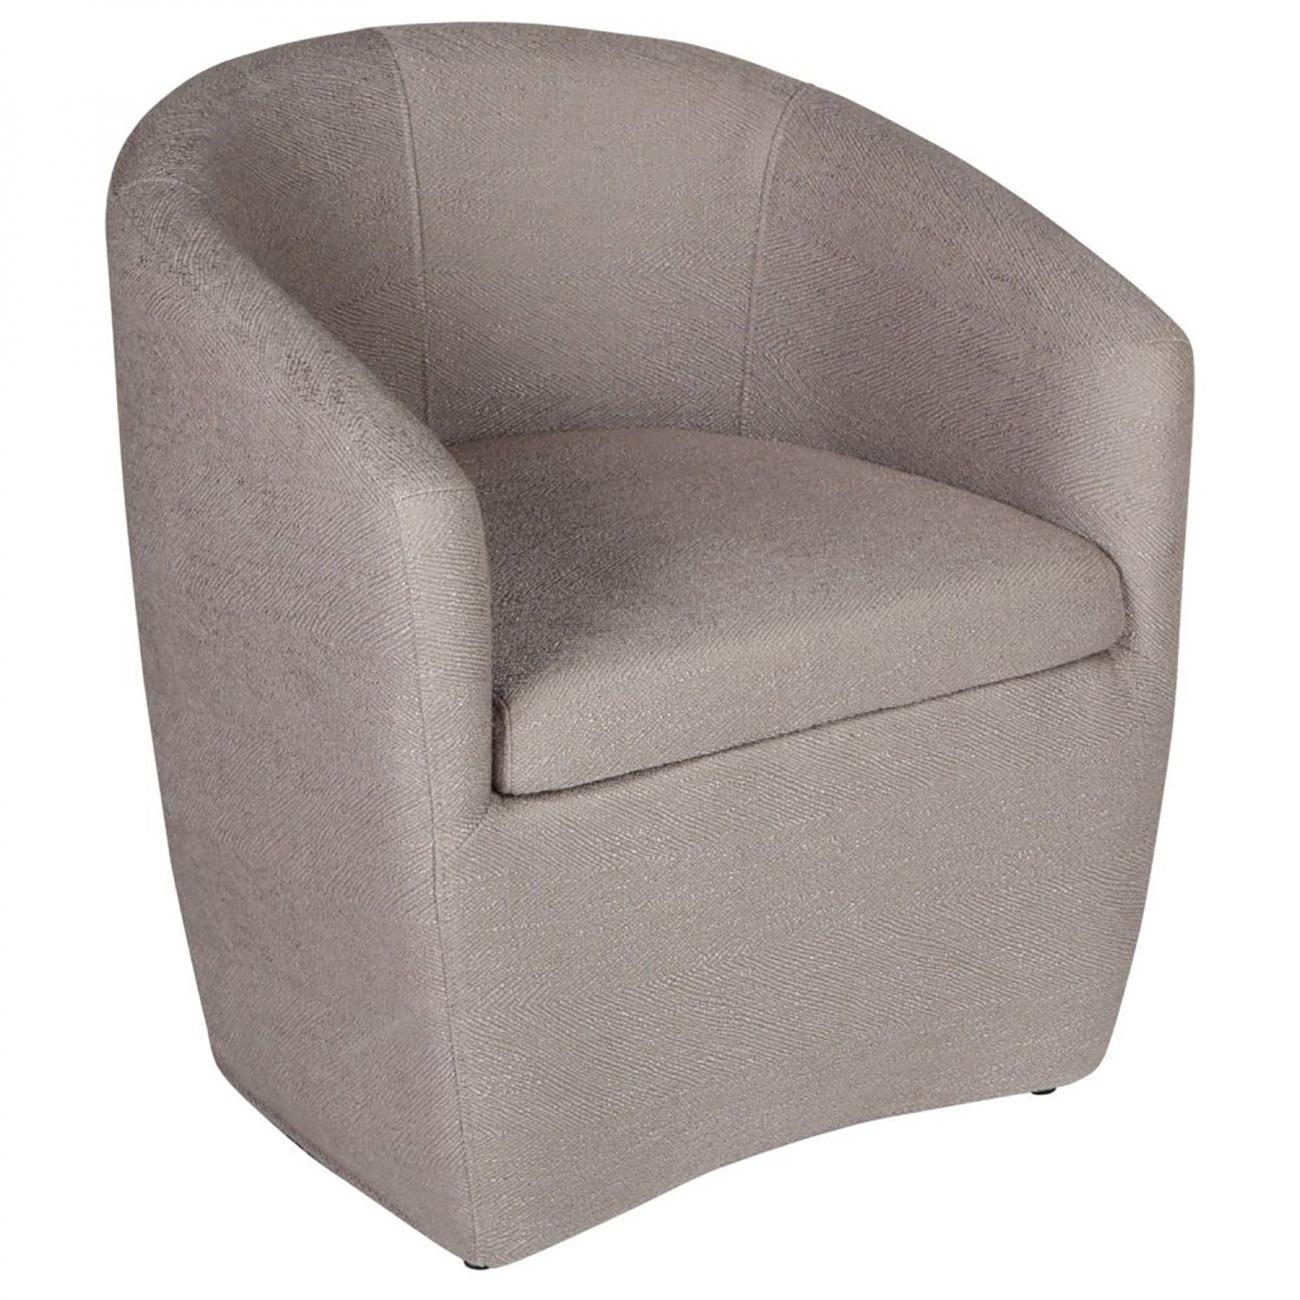 Купить Кресло 9A26/BOVIA-93A (CHAIR) в интернет магазине дизайнерской мебели и аксессуаров для дома и дачи